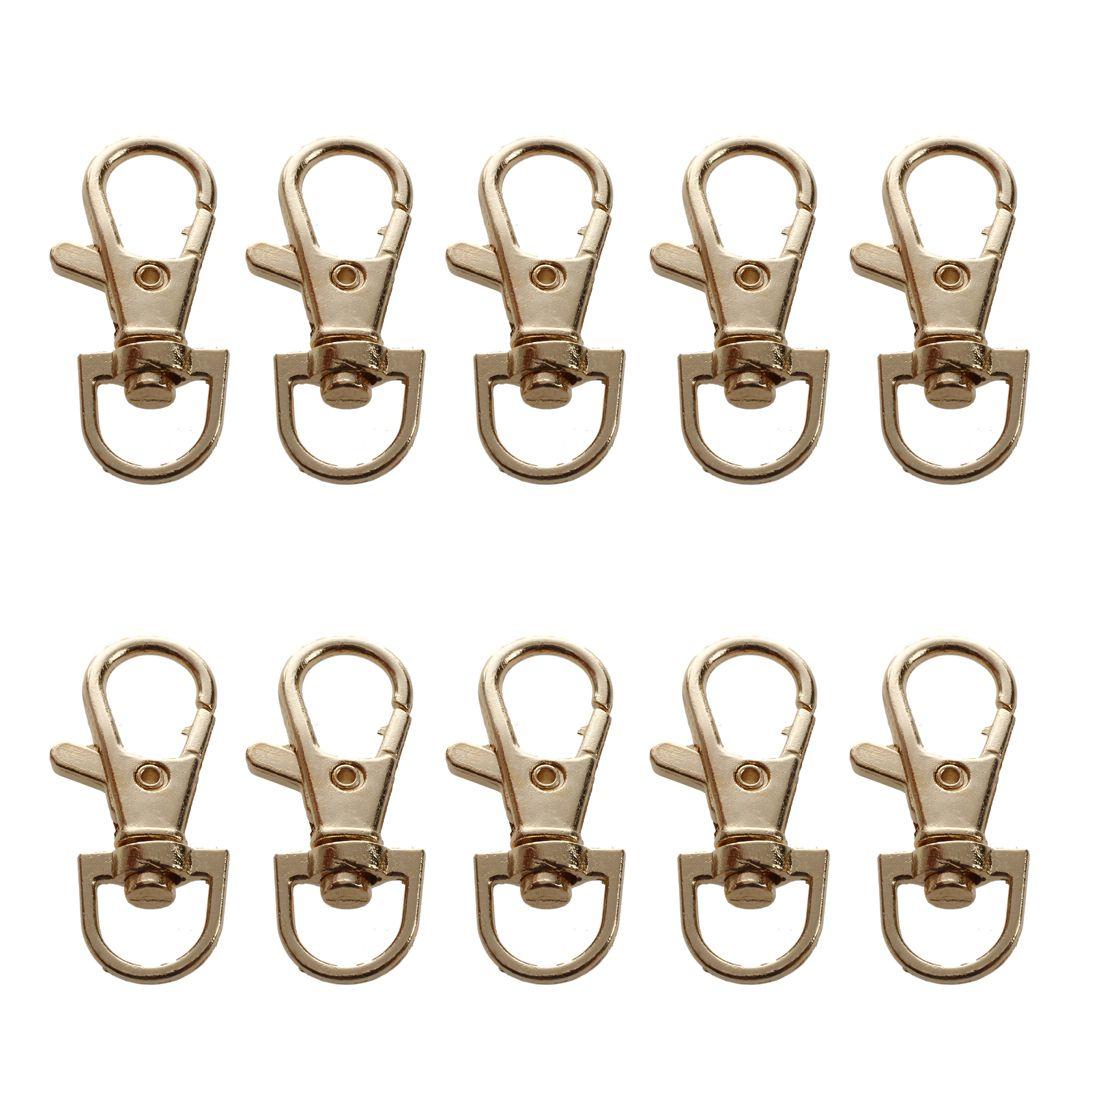 Top Quality Gold Tone Metallic Handbag Strap Decor Snap Hook Lobster Clasp 10 Pcs